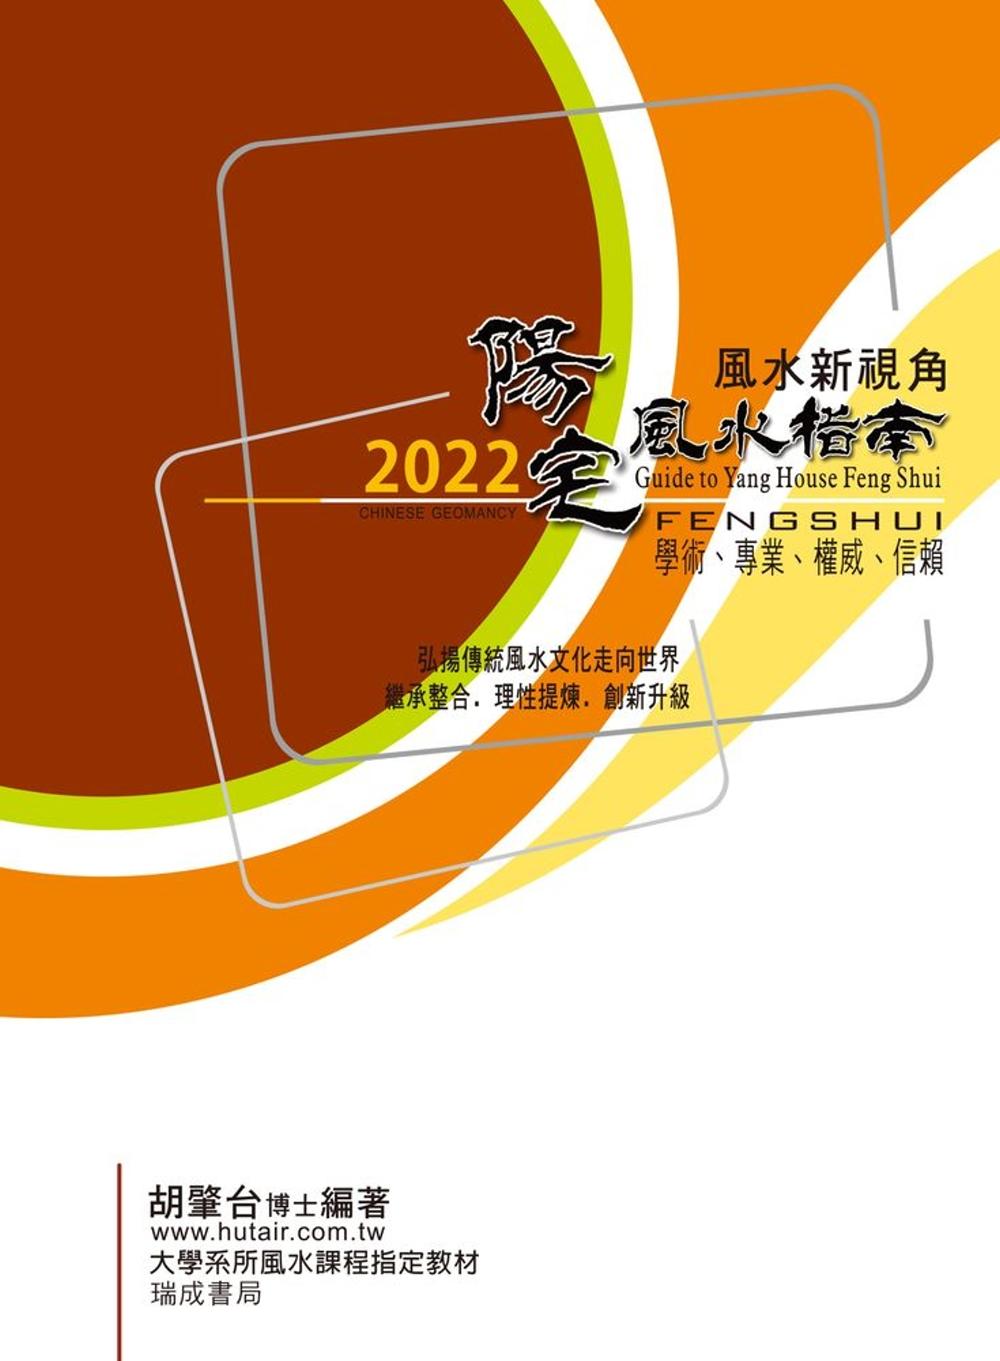 2022陽宅風水指南